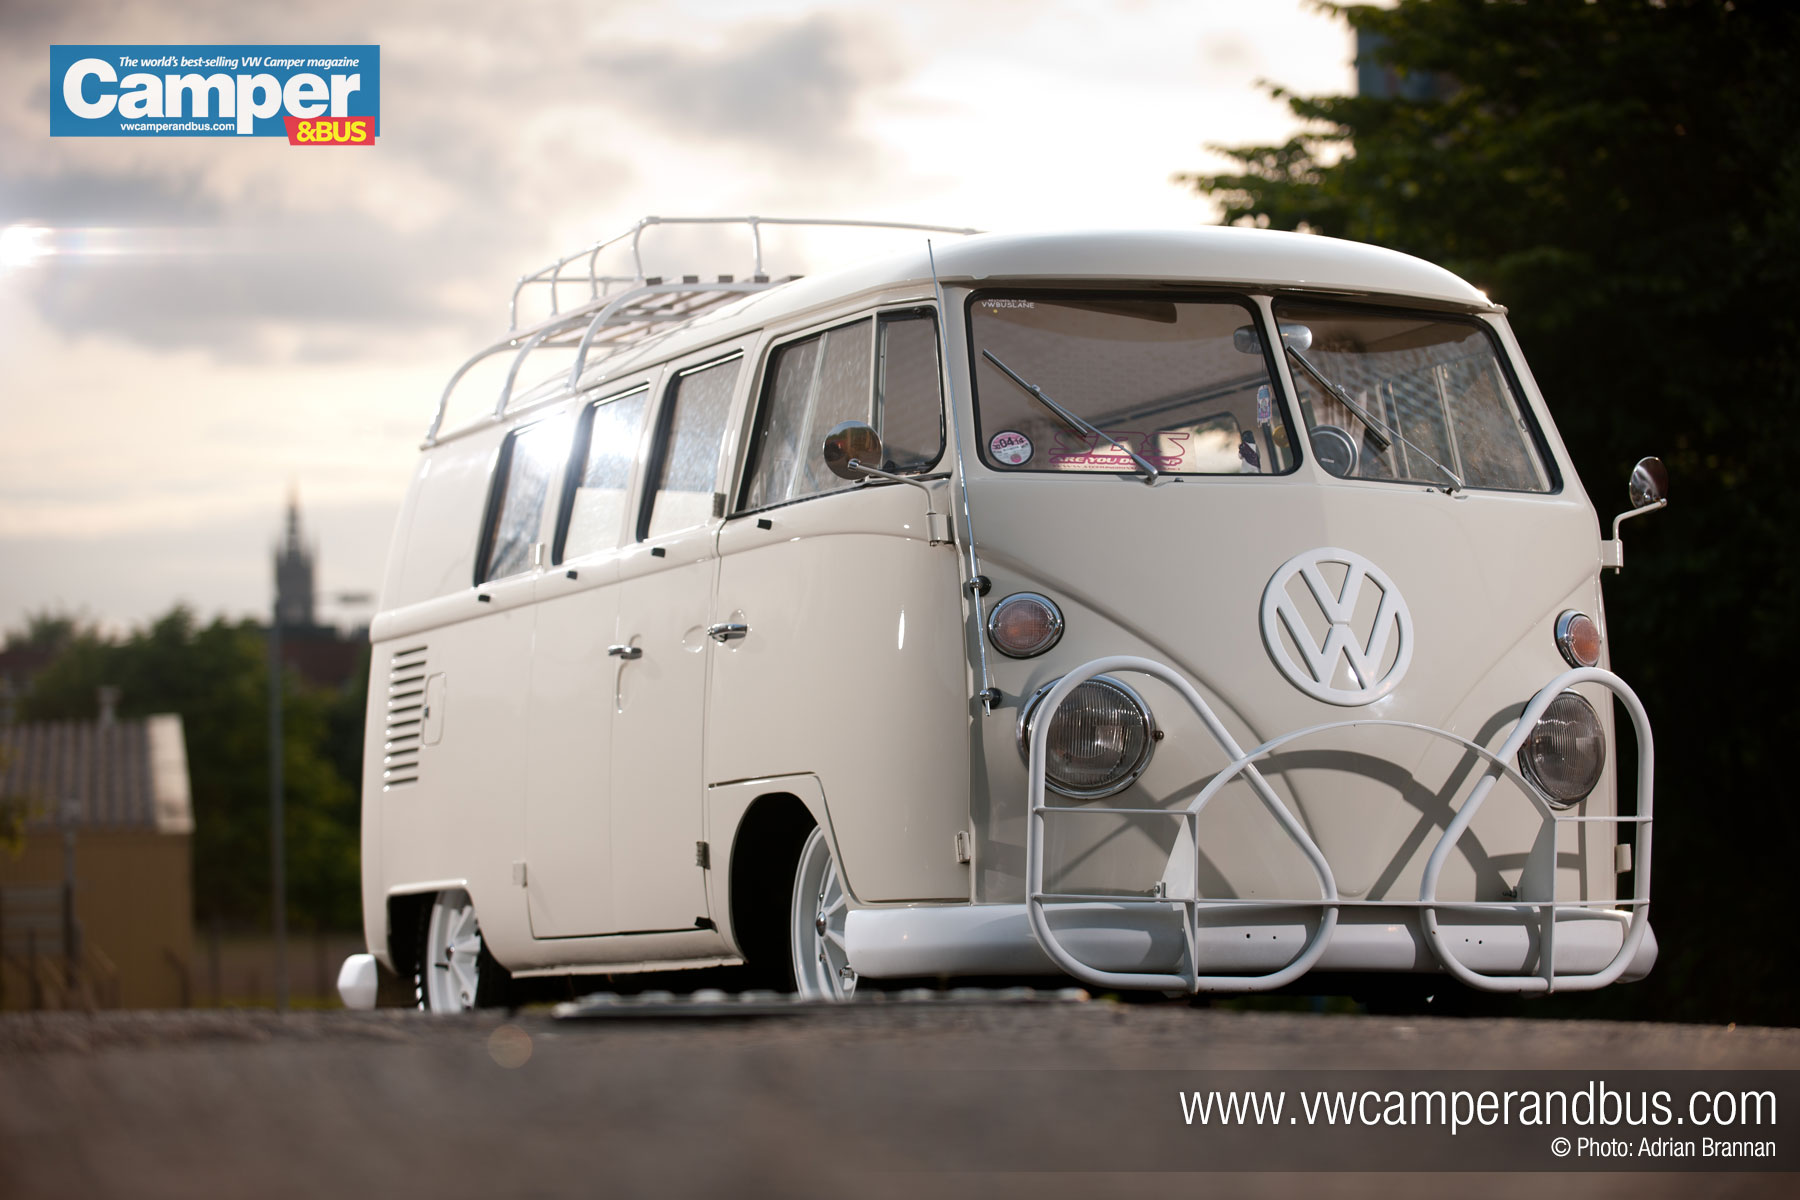 volkswagen buses wallpaper screensavers - photo #19